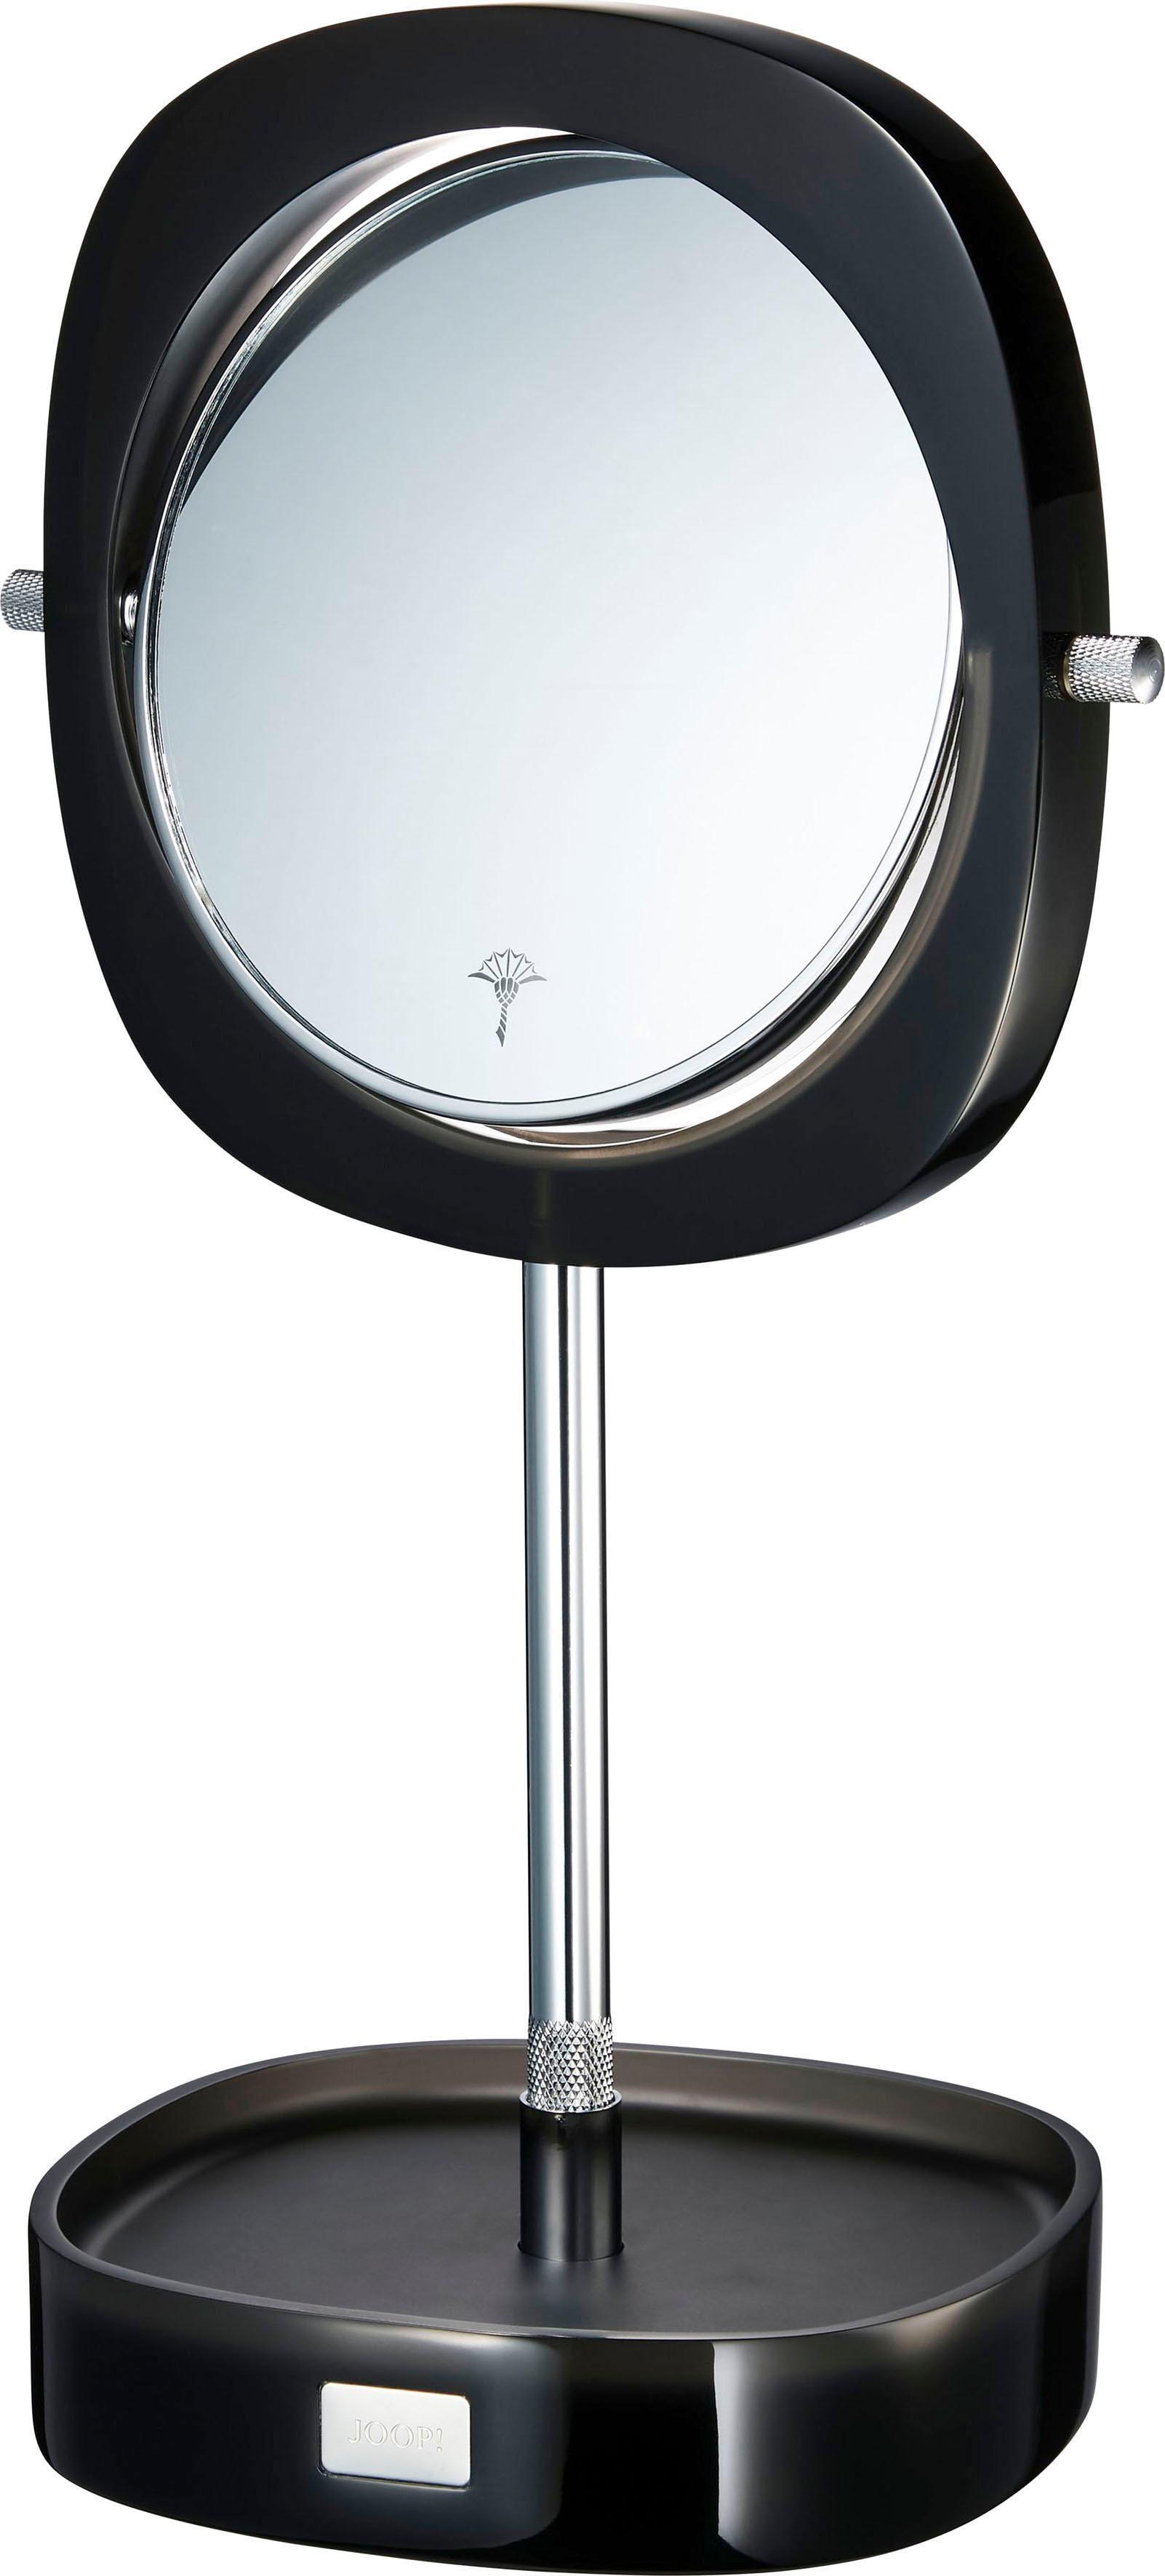 Joop! Kosmetikspiegel »CRYSTAL LINE« | Bad > Bad-Accessoires > Kosmetikspiegel | Grau | Kunststoff - Edelstahl | Joop!